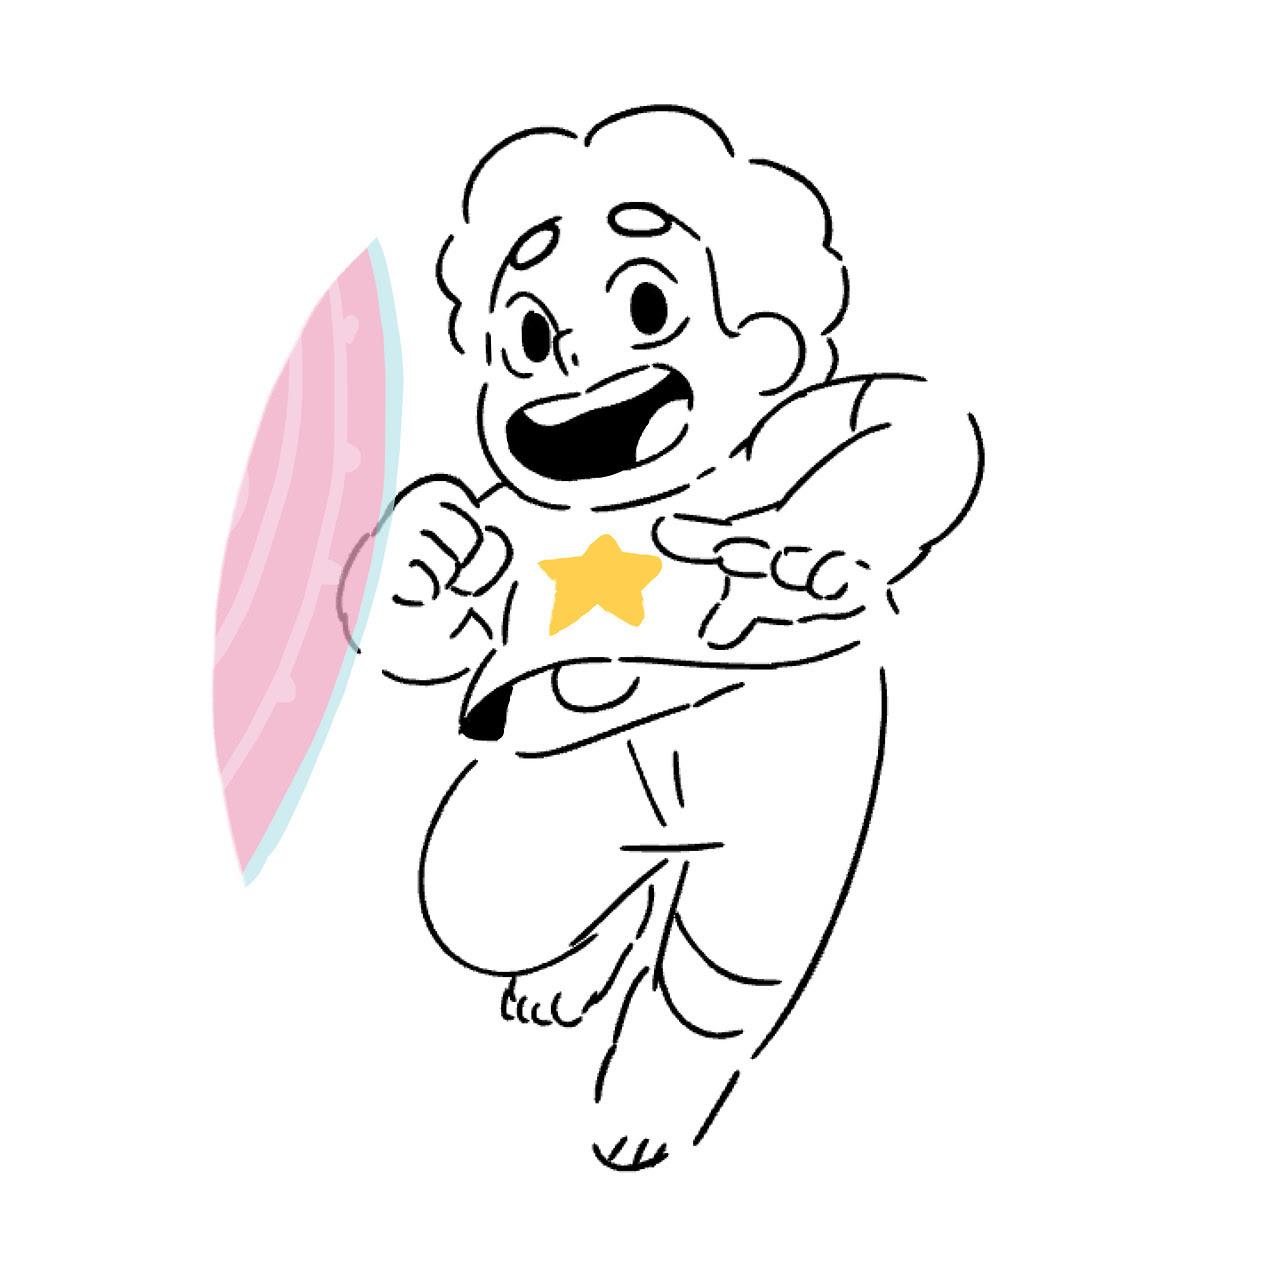 i drew a steven!